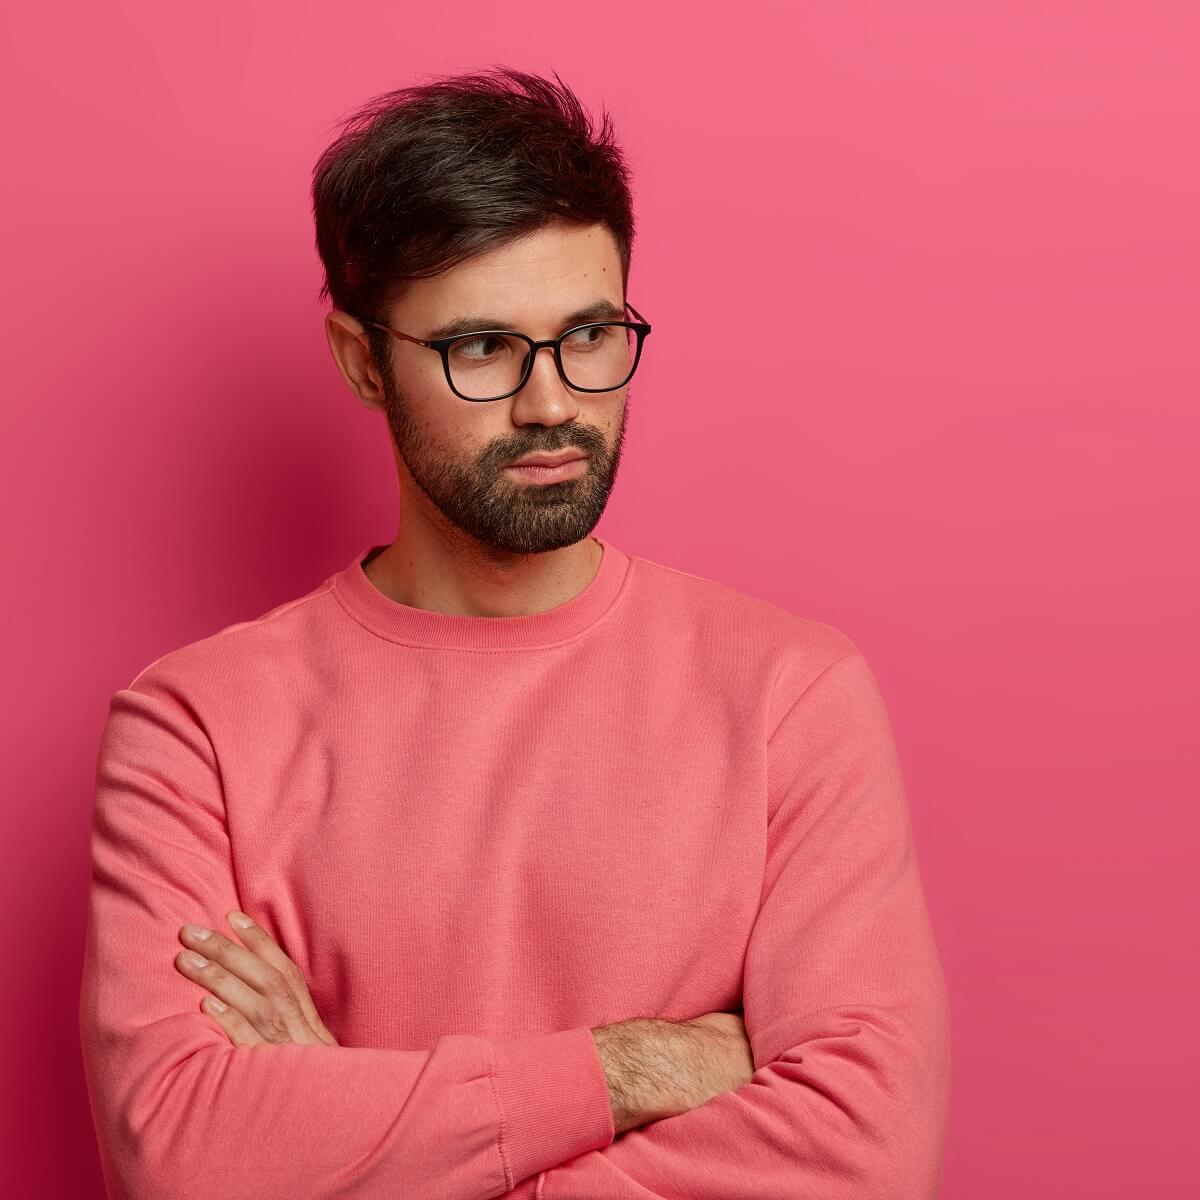 眼鏡をかけた男性が腕組みをしている様子。